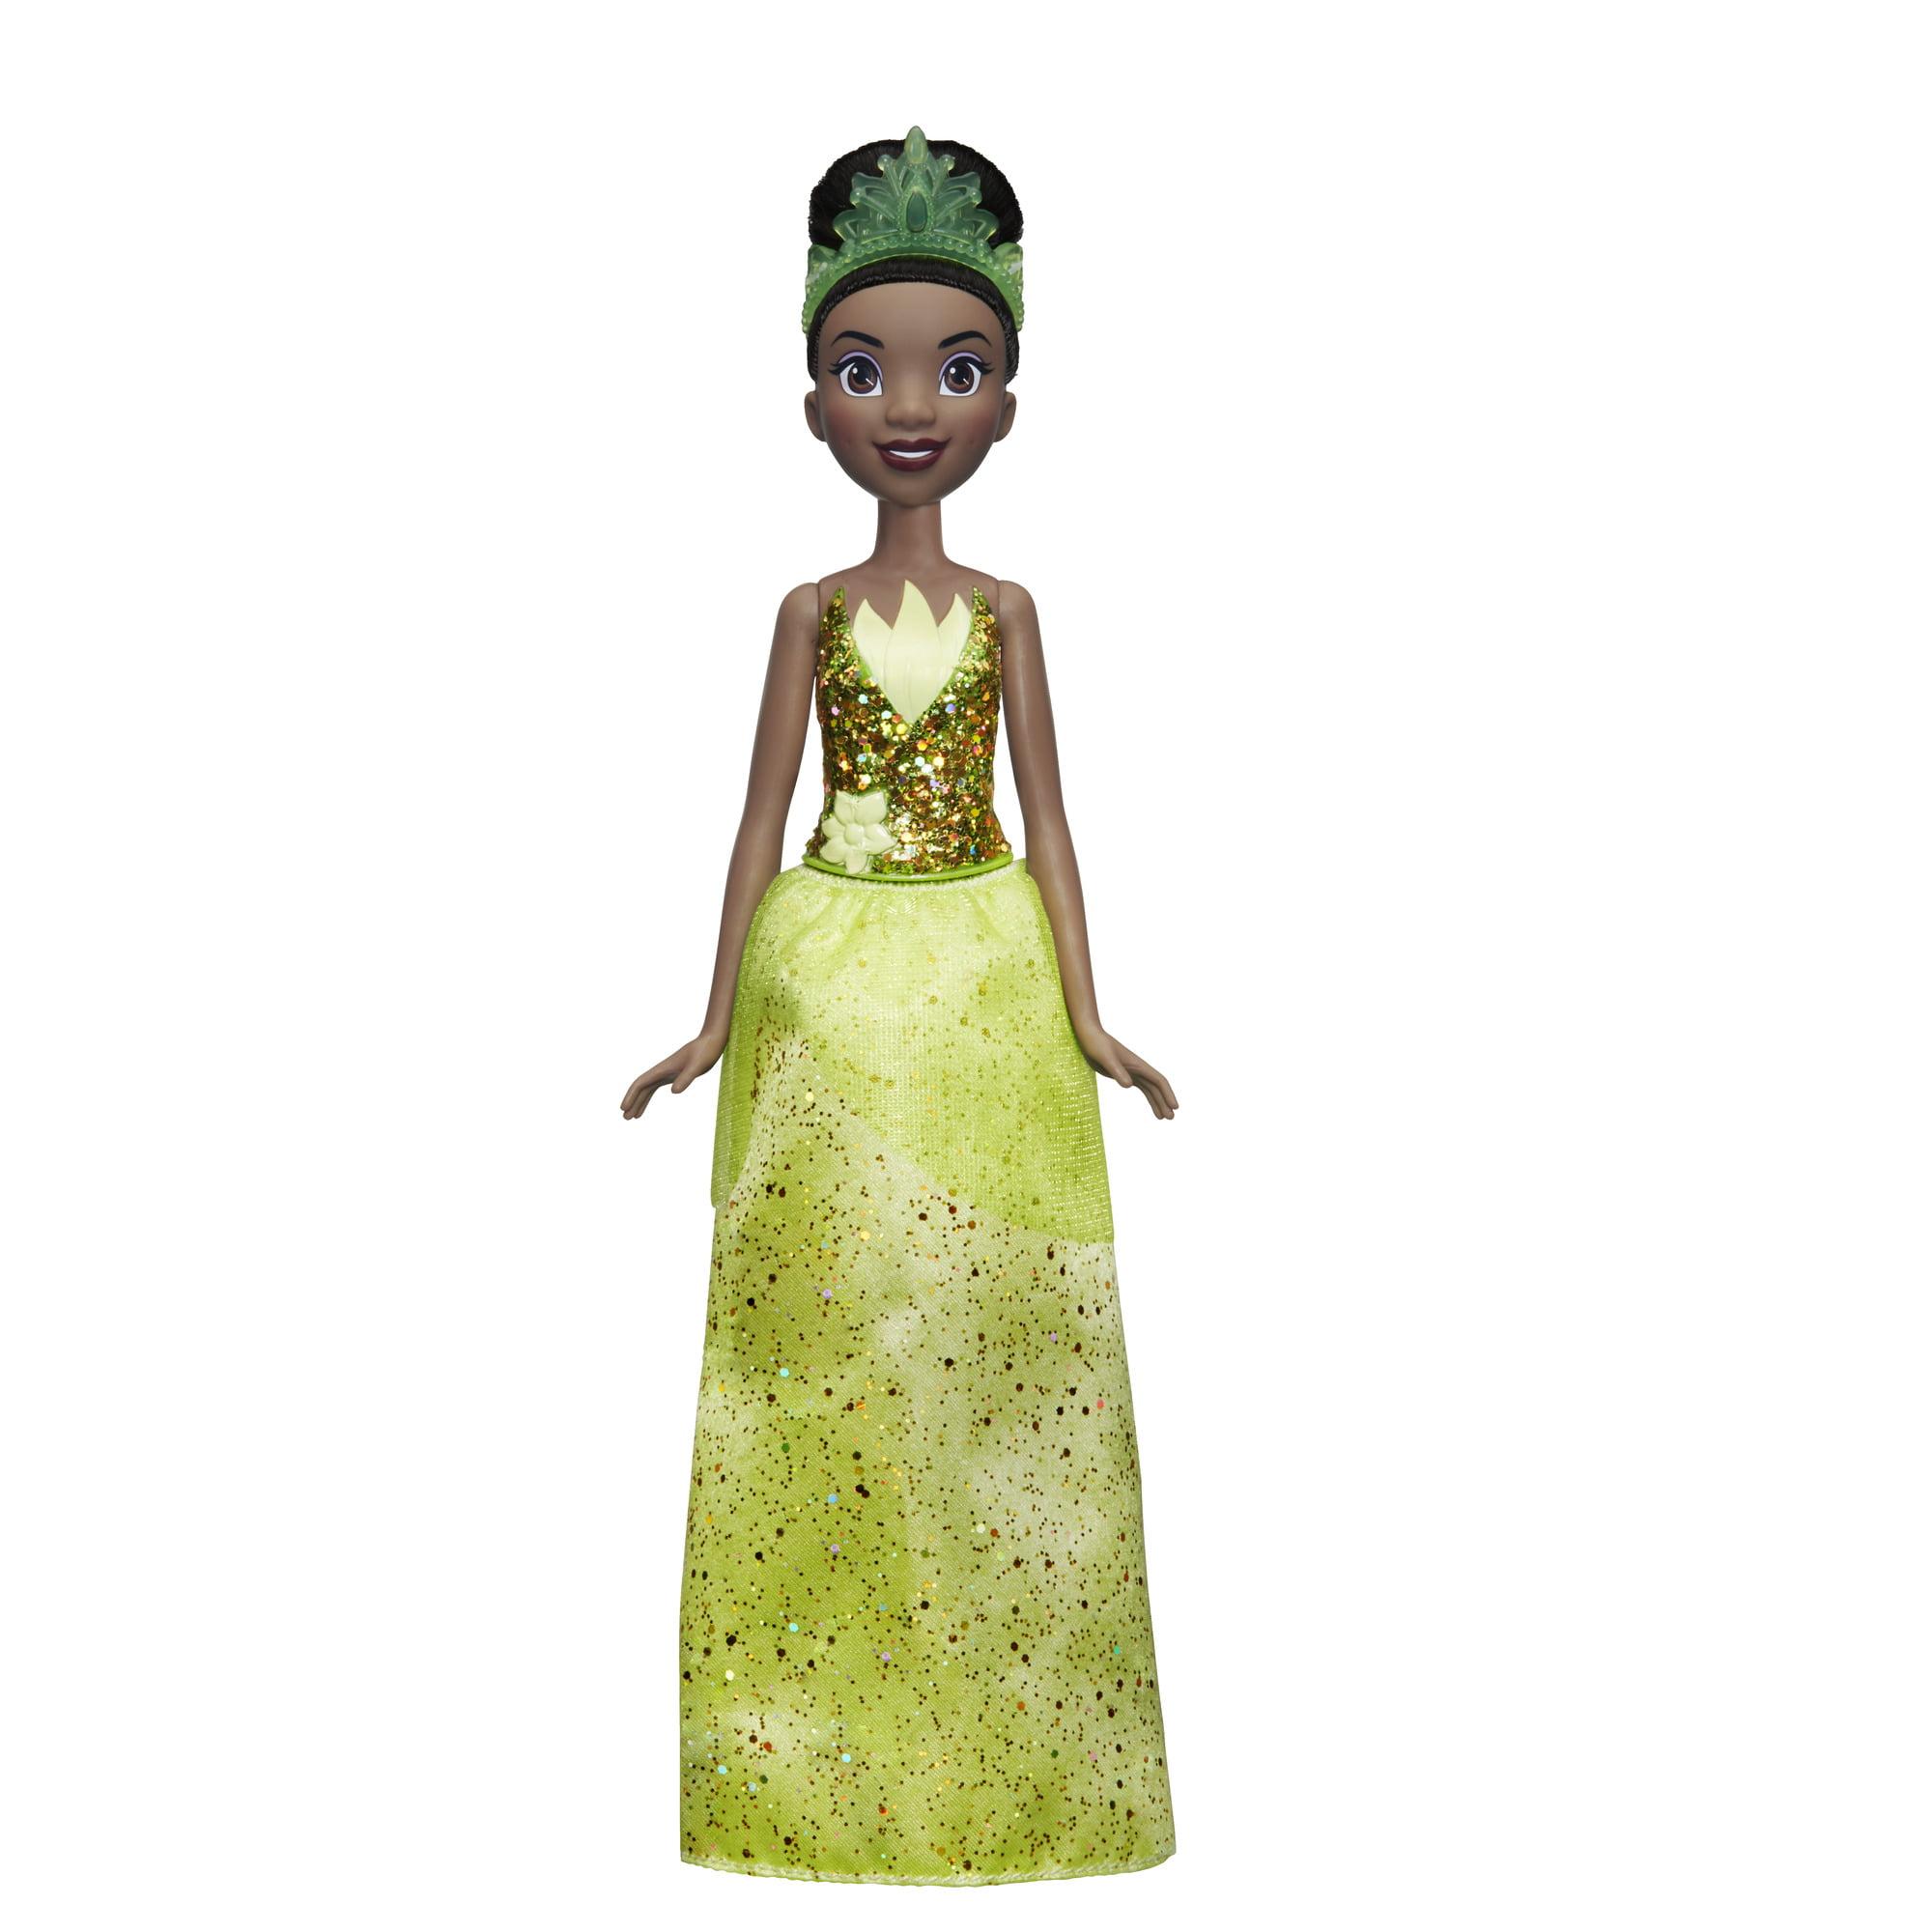 Disney Princess Royal Shimmer Tiana, Ages 3 and up